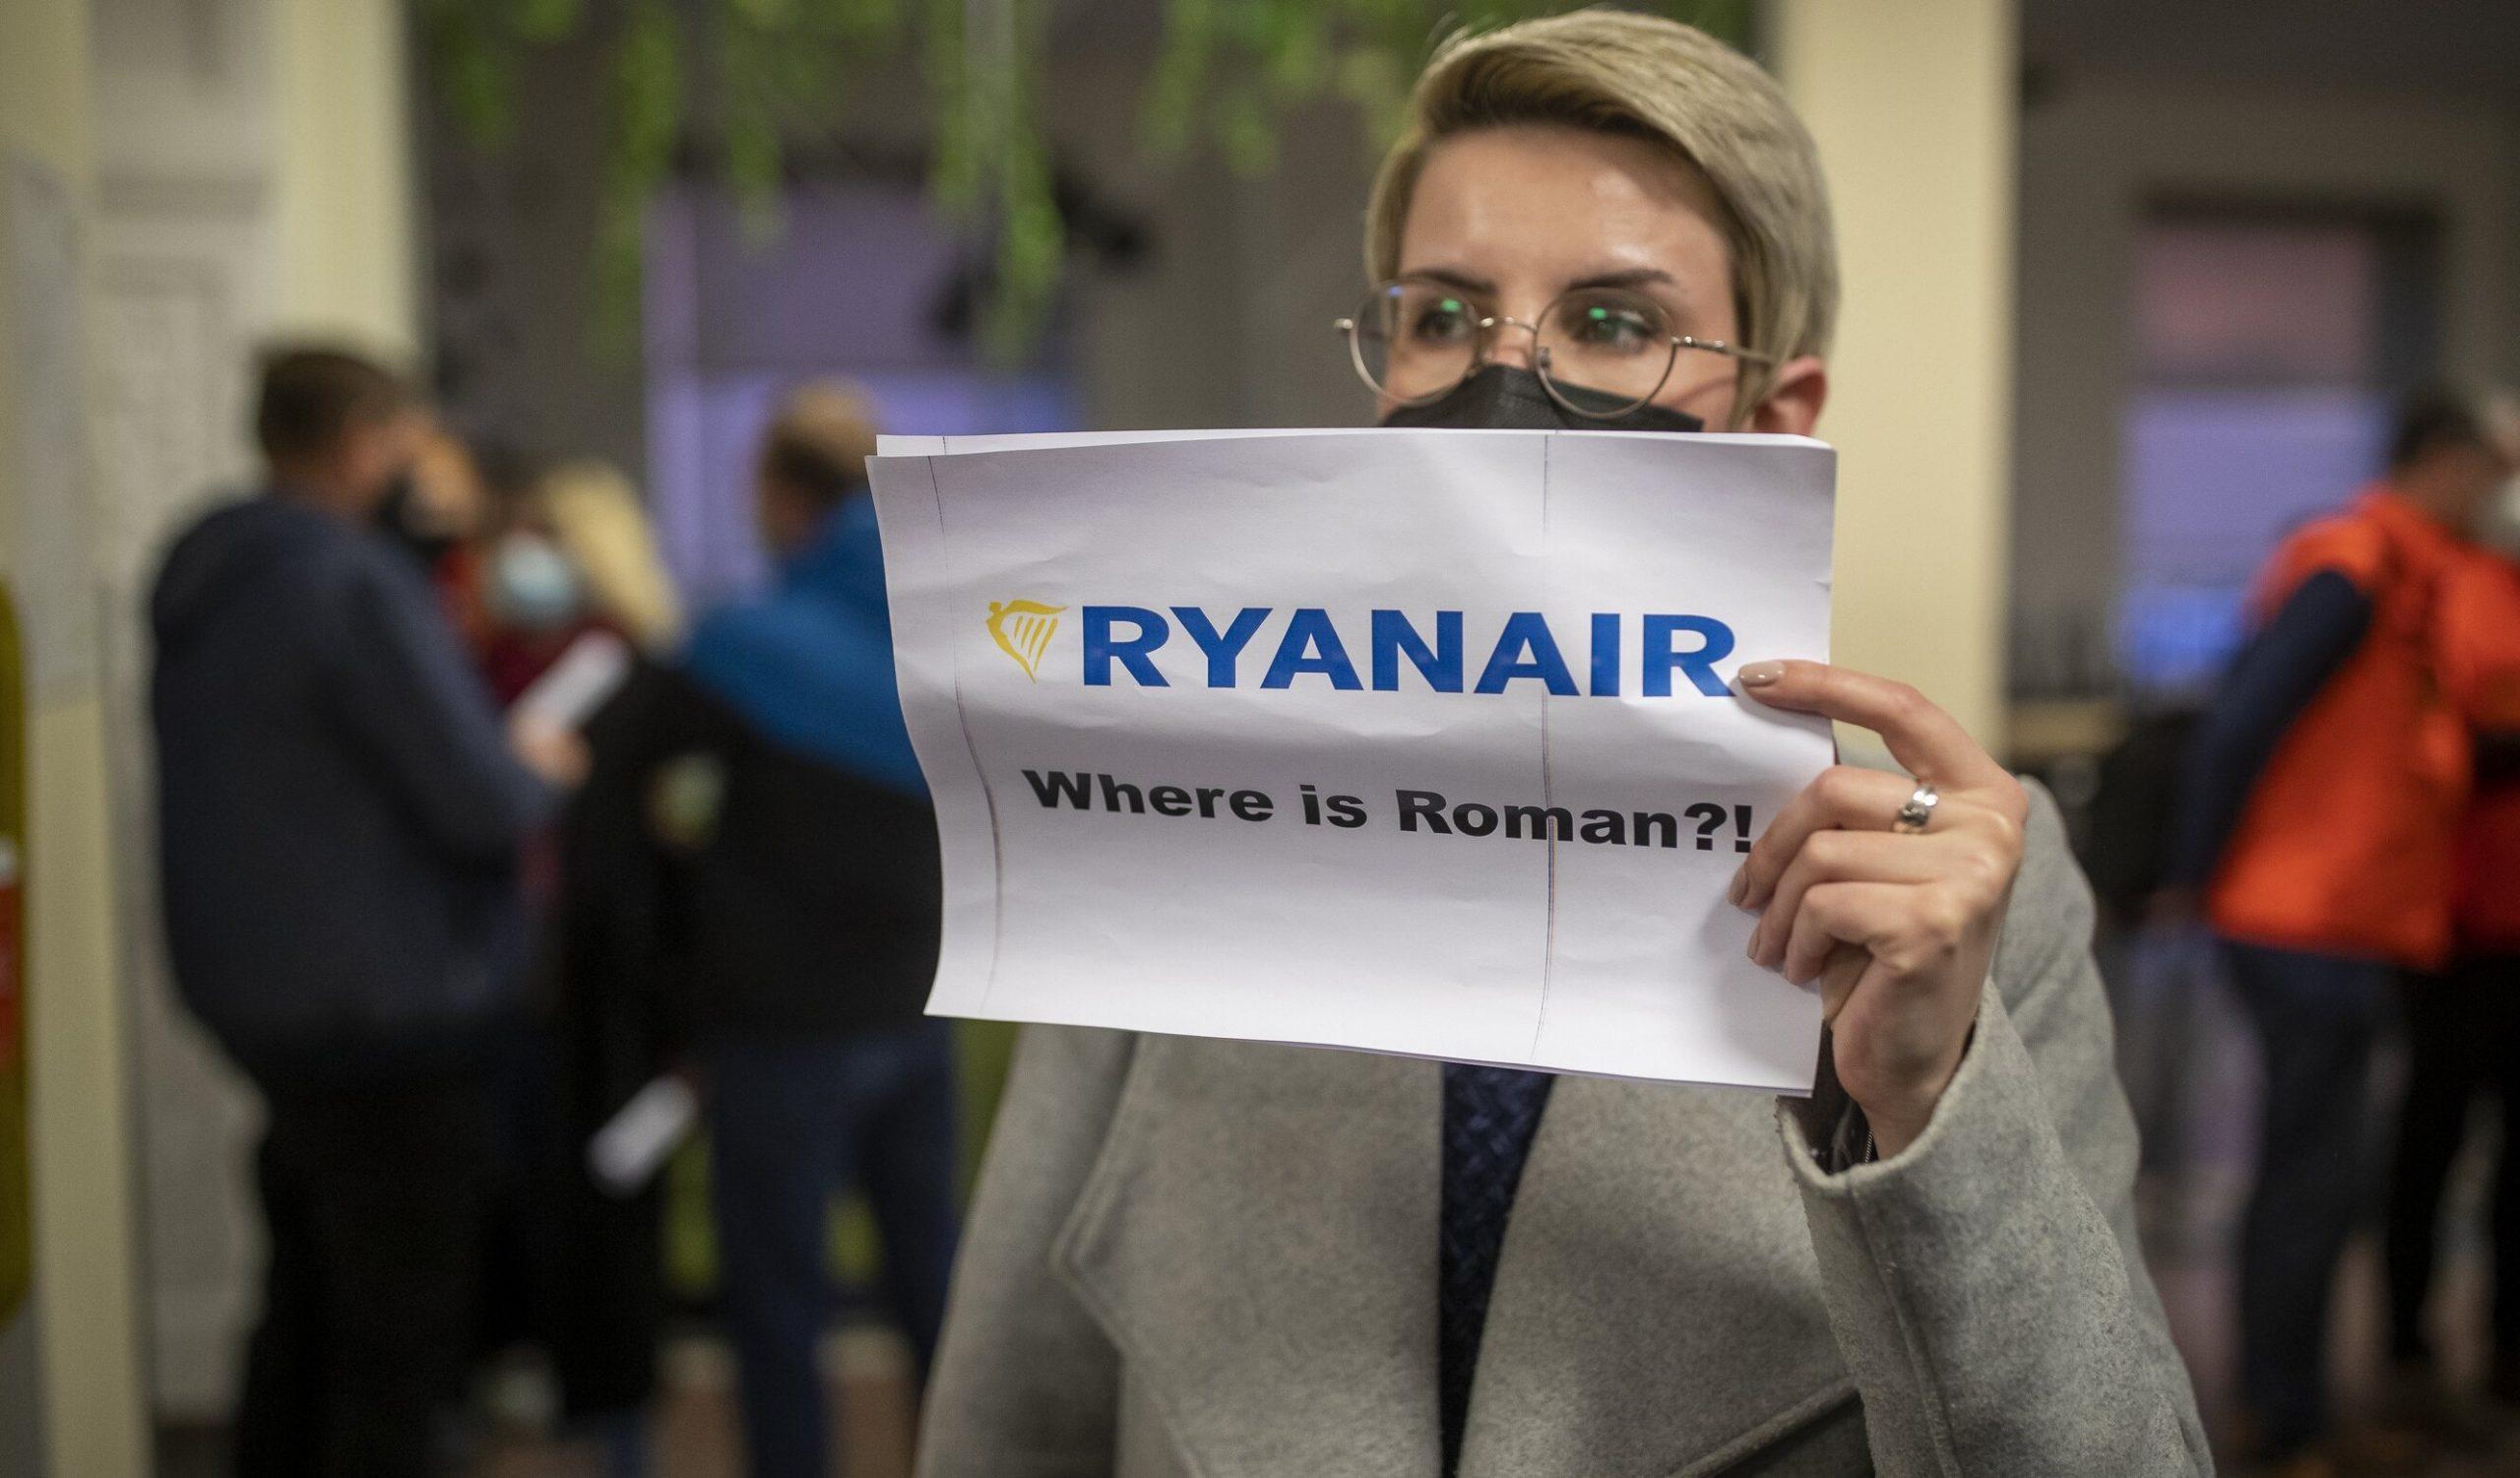 SUA solicită eliberarea imediată a jurnalistului Roman Protasevich, arestat după ce avionul în care se afla a fost deturnat